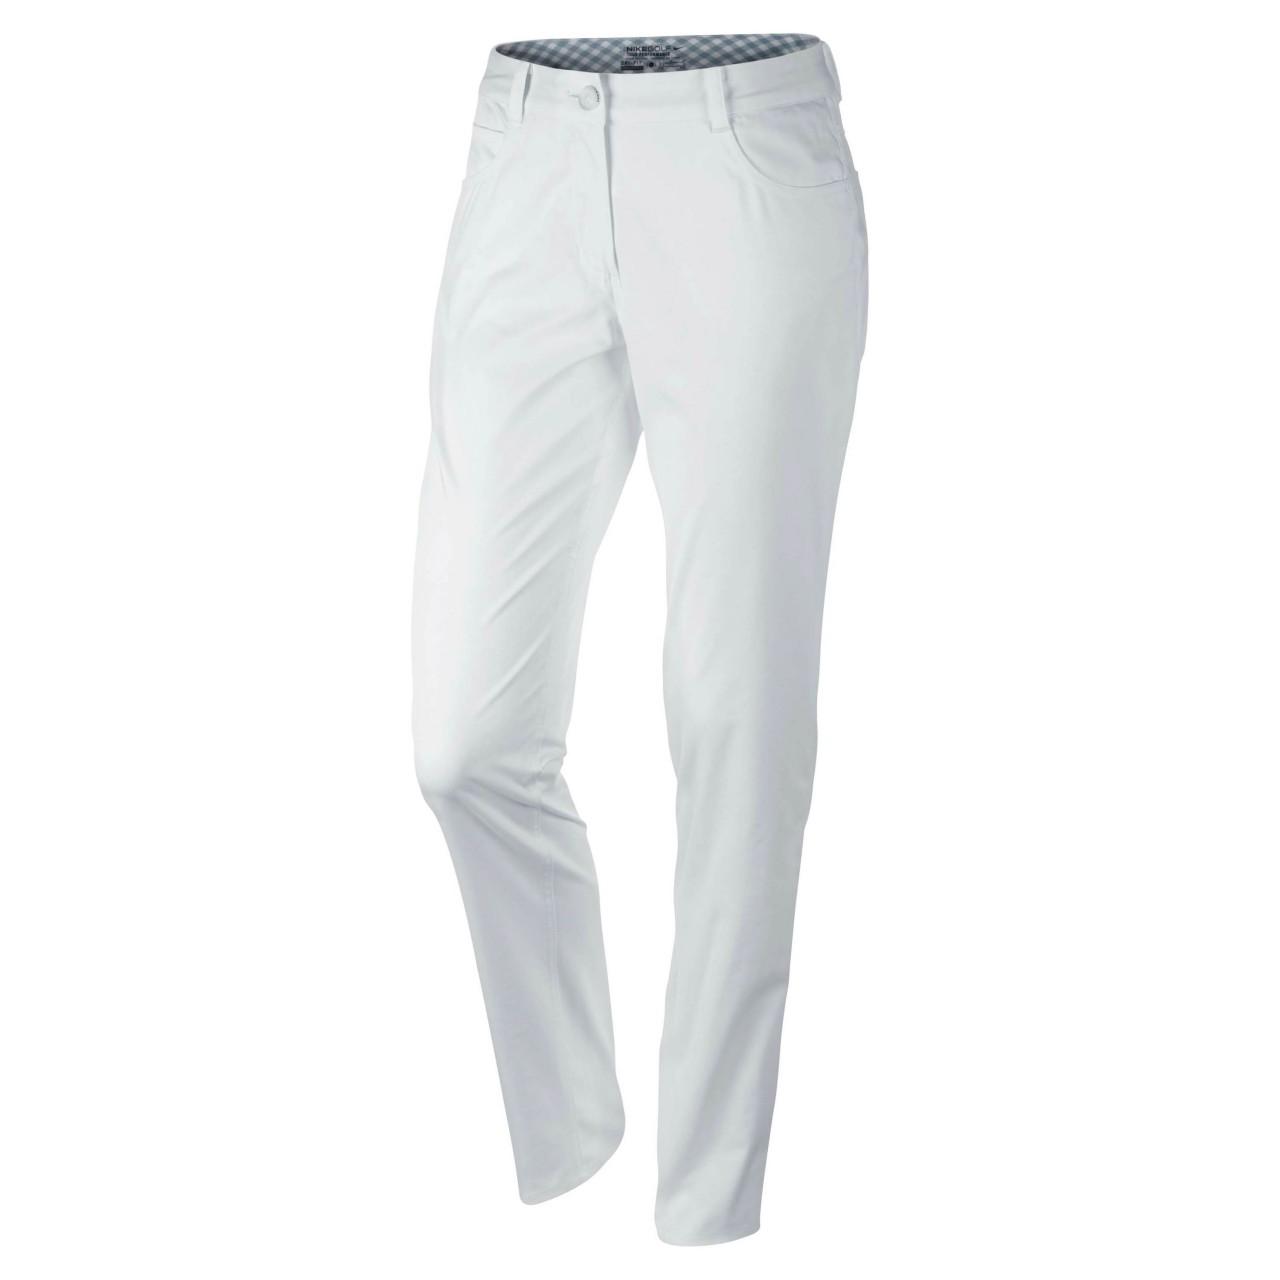 Nike Hose Jeans Pant 2.0, White